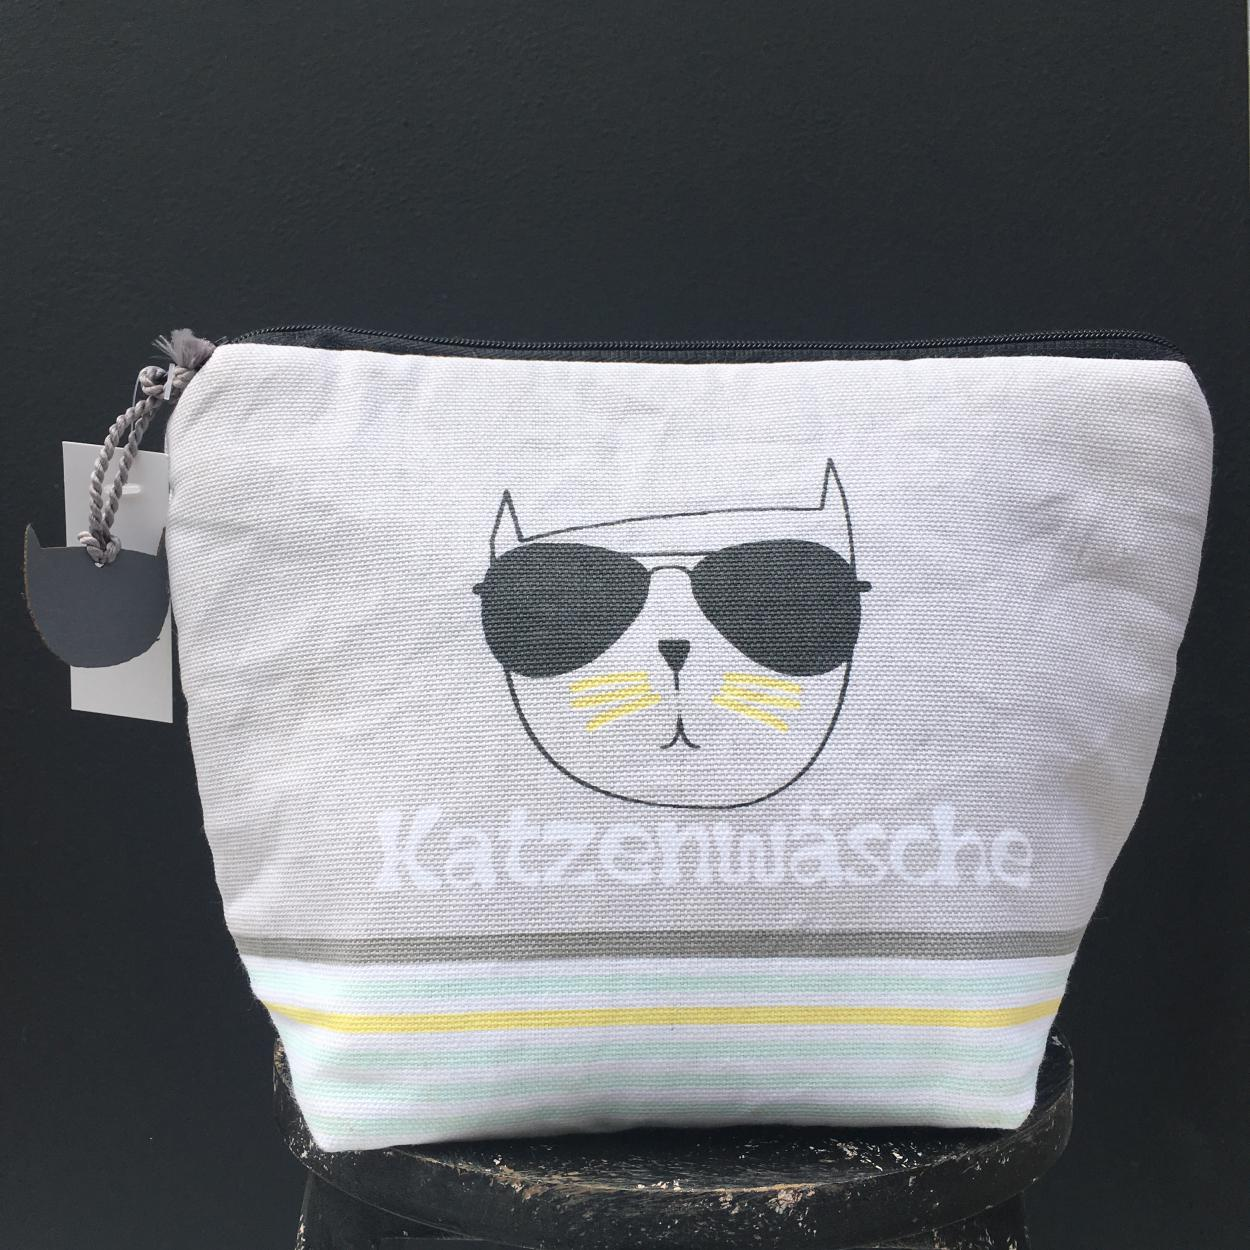 Kosmetiktasche, Wunderle, Katzenwäsche, Kulturbeutel, Reiselust, auf Reisen gehen, das Wichtigste, cat lover, Katzenliebe, cool cat, Geschenkideen